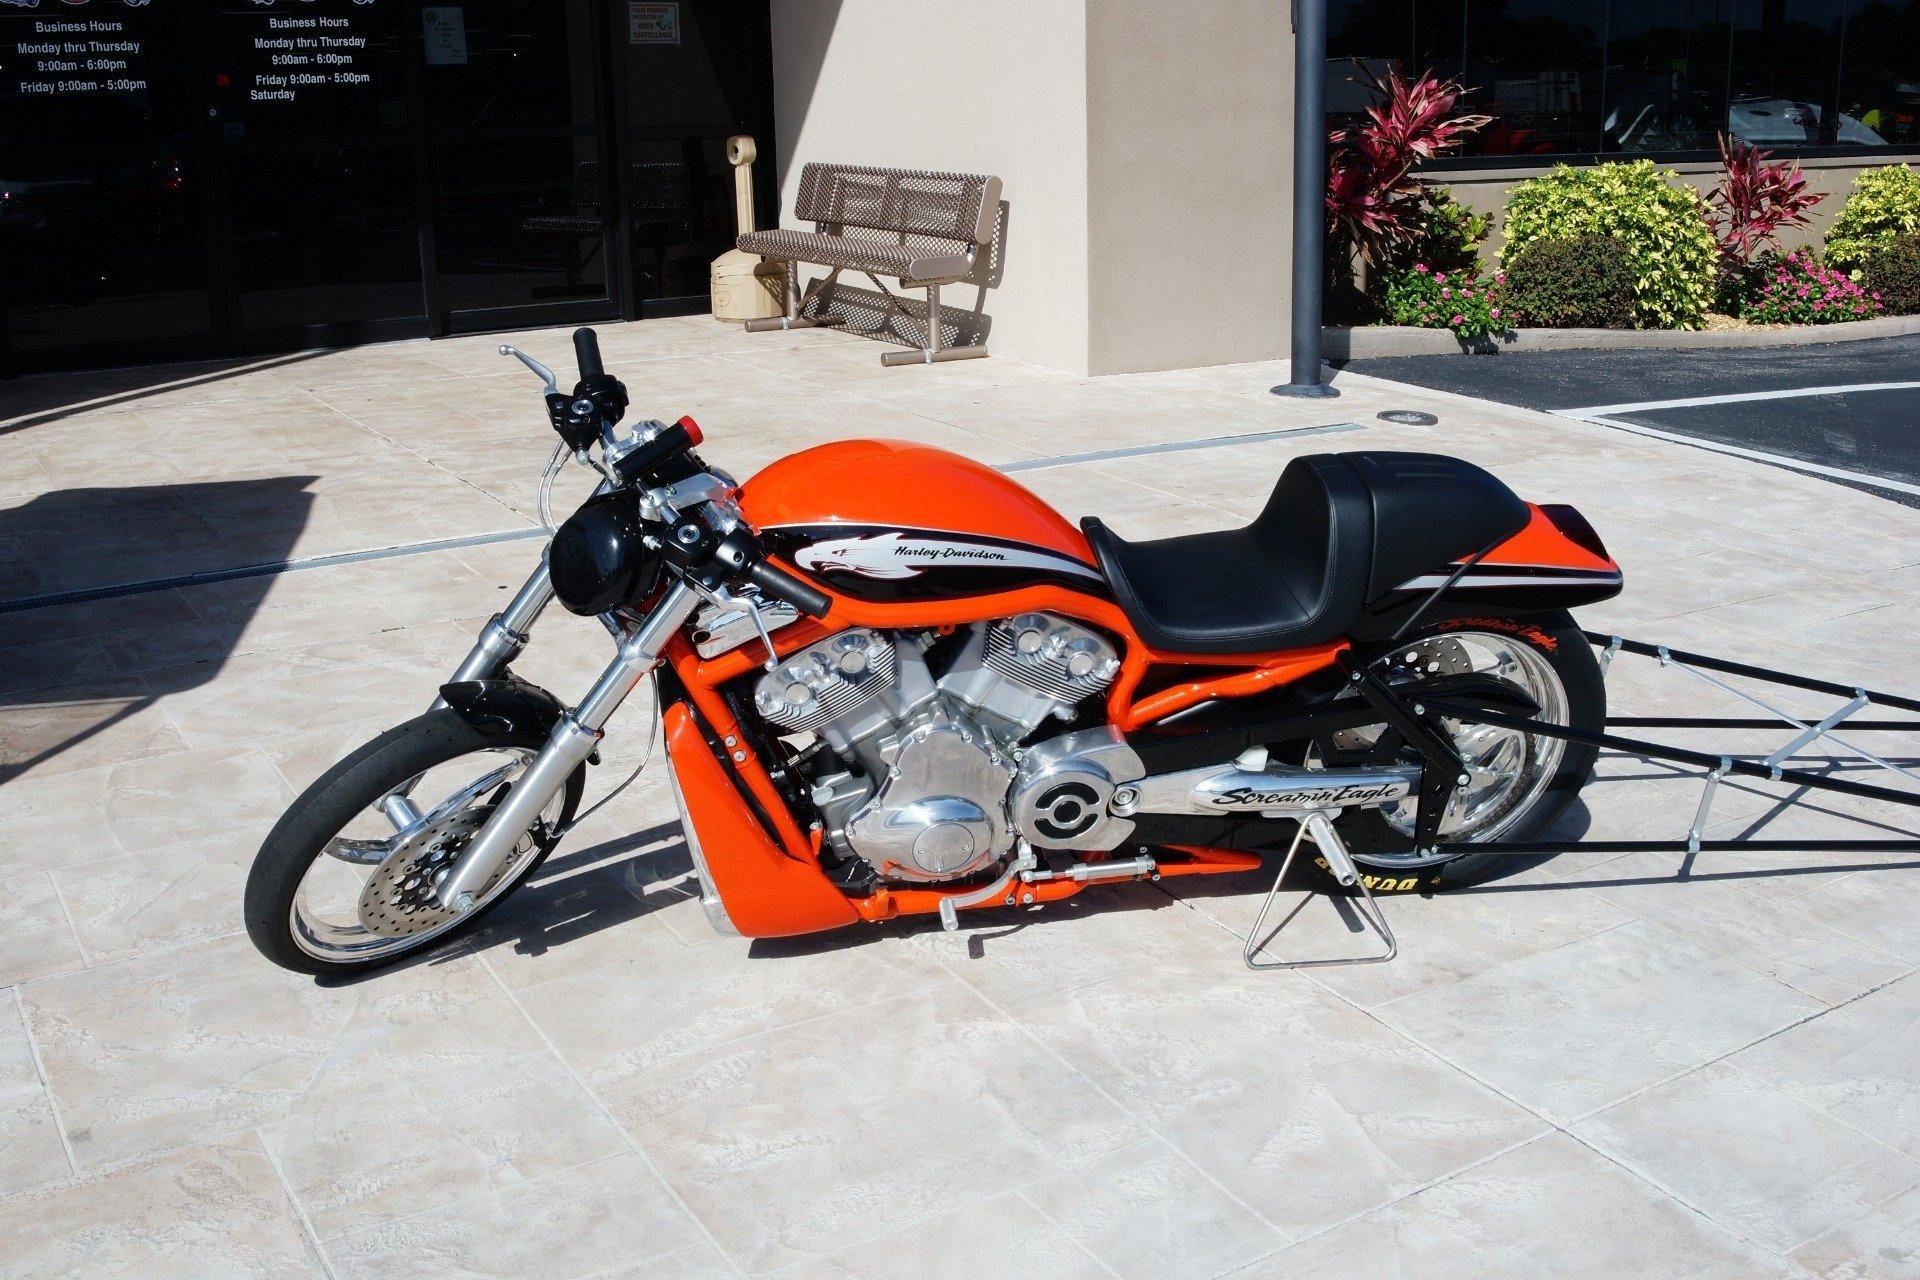 2006 Harley Davidson V-Rod Destroyer   Ideal Classic Cars LLC